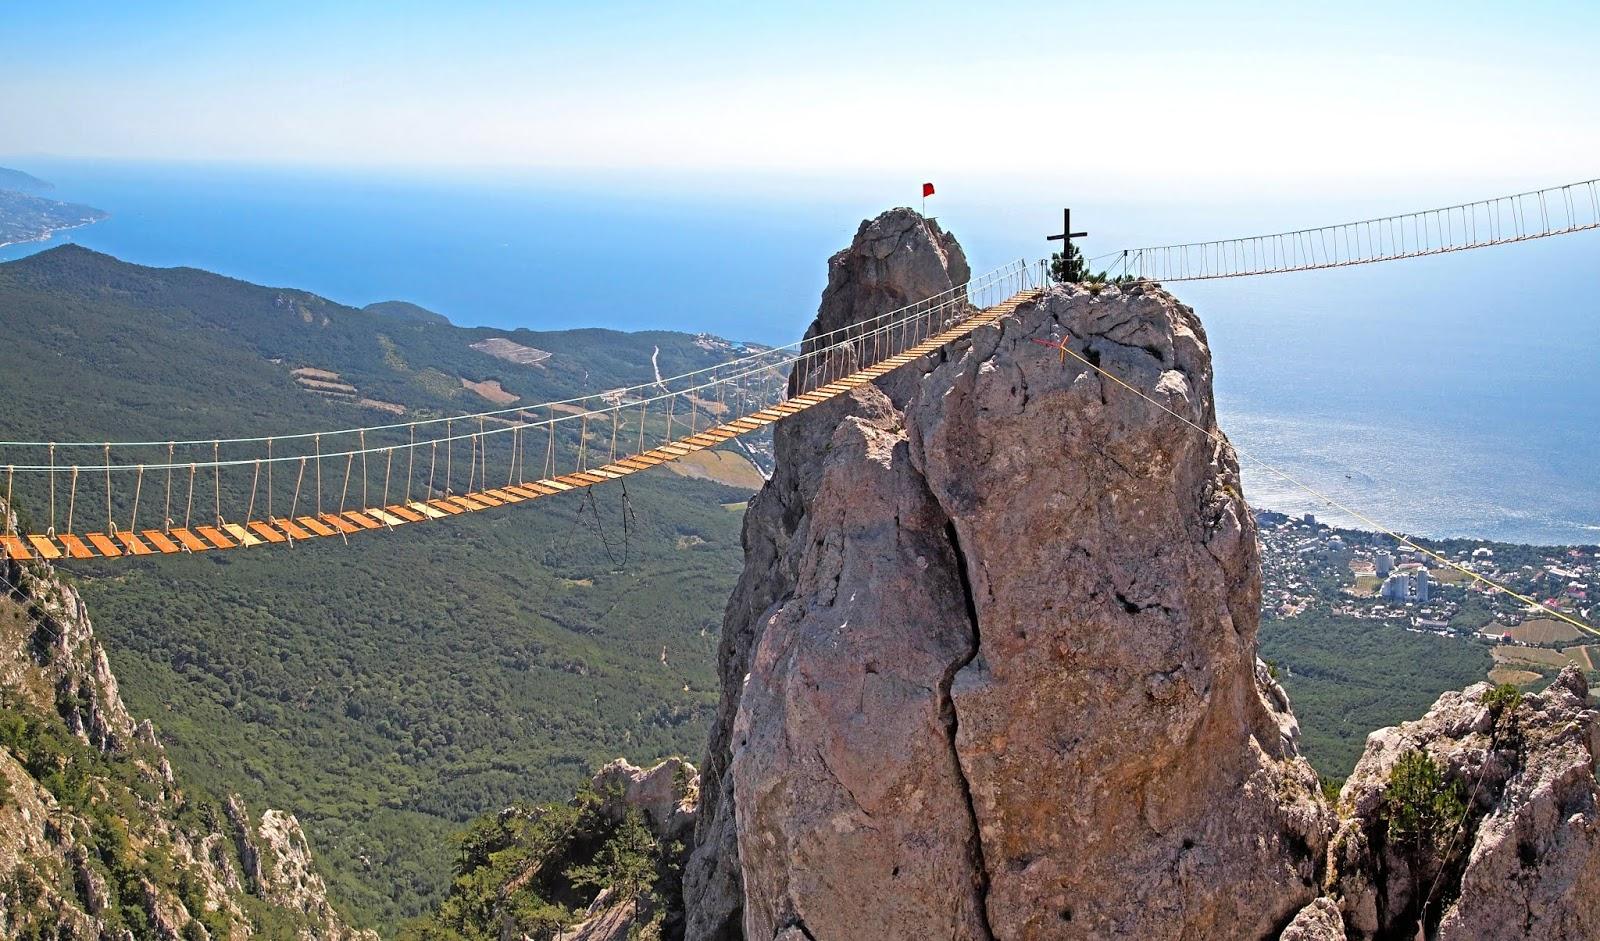 विश्व के 10 सबसे खतरनाक और अजीबो गरीब ब्रिज